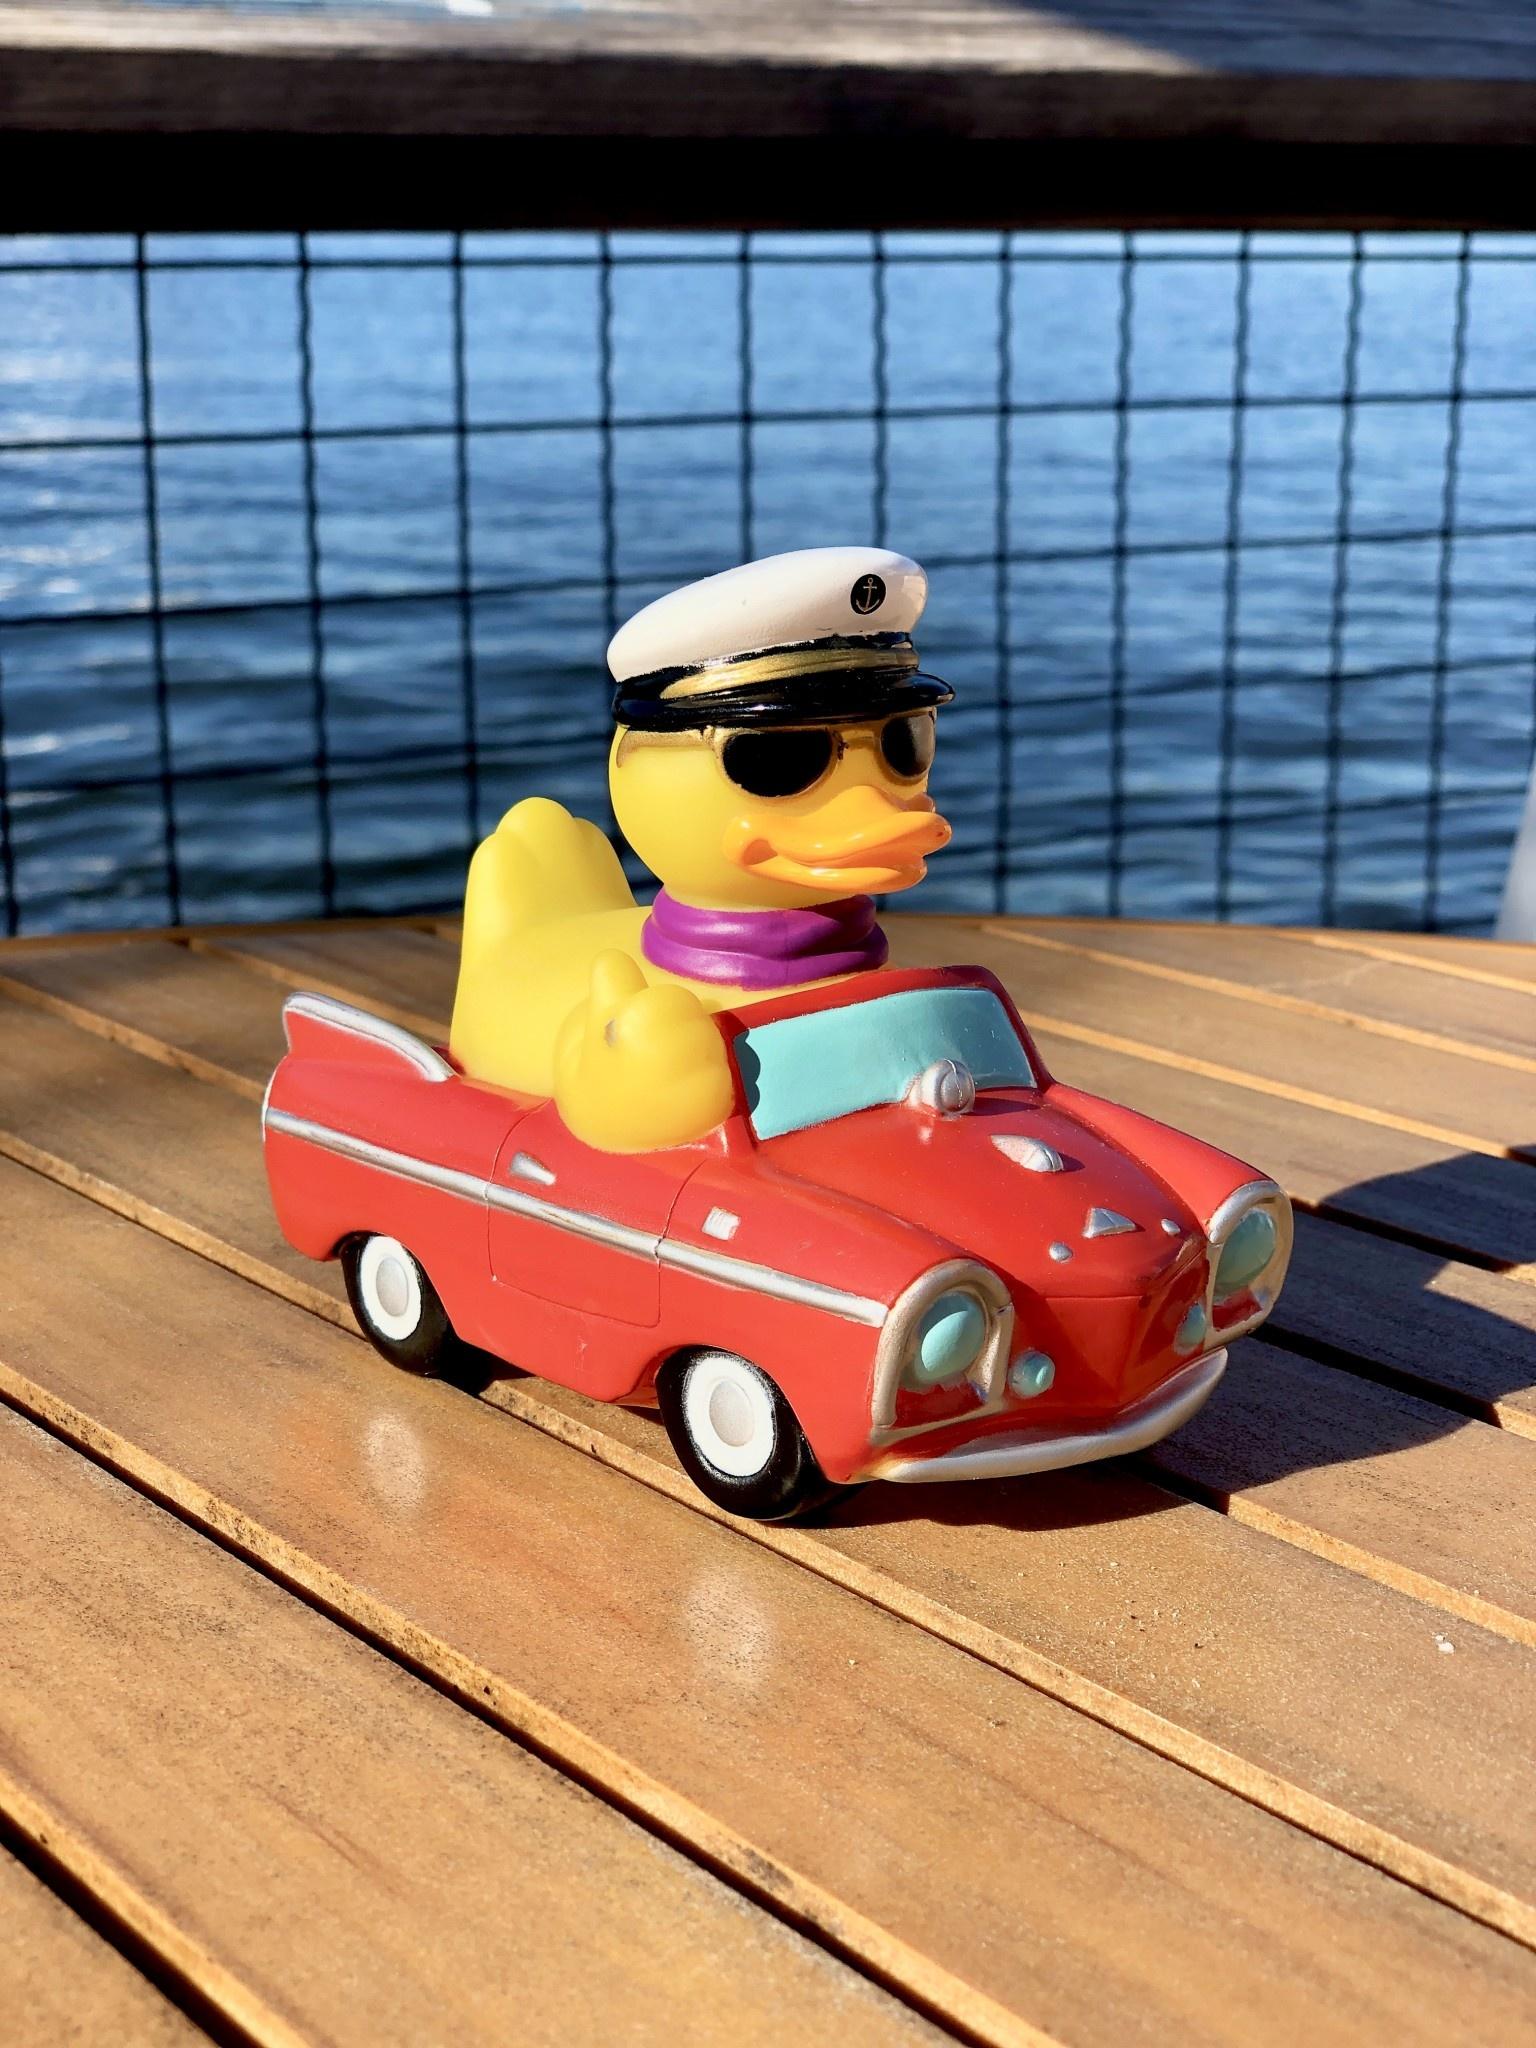 www.theboathouseboatique.com